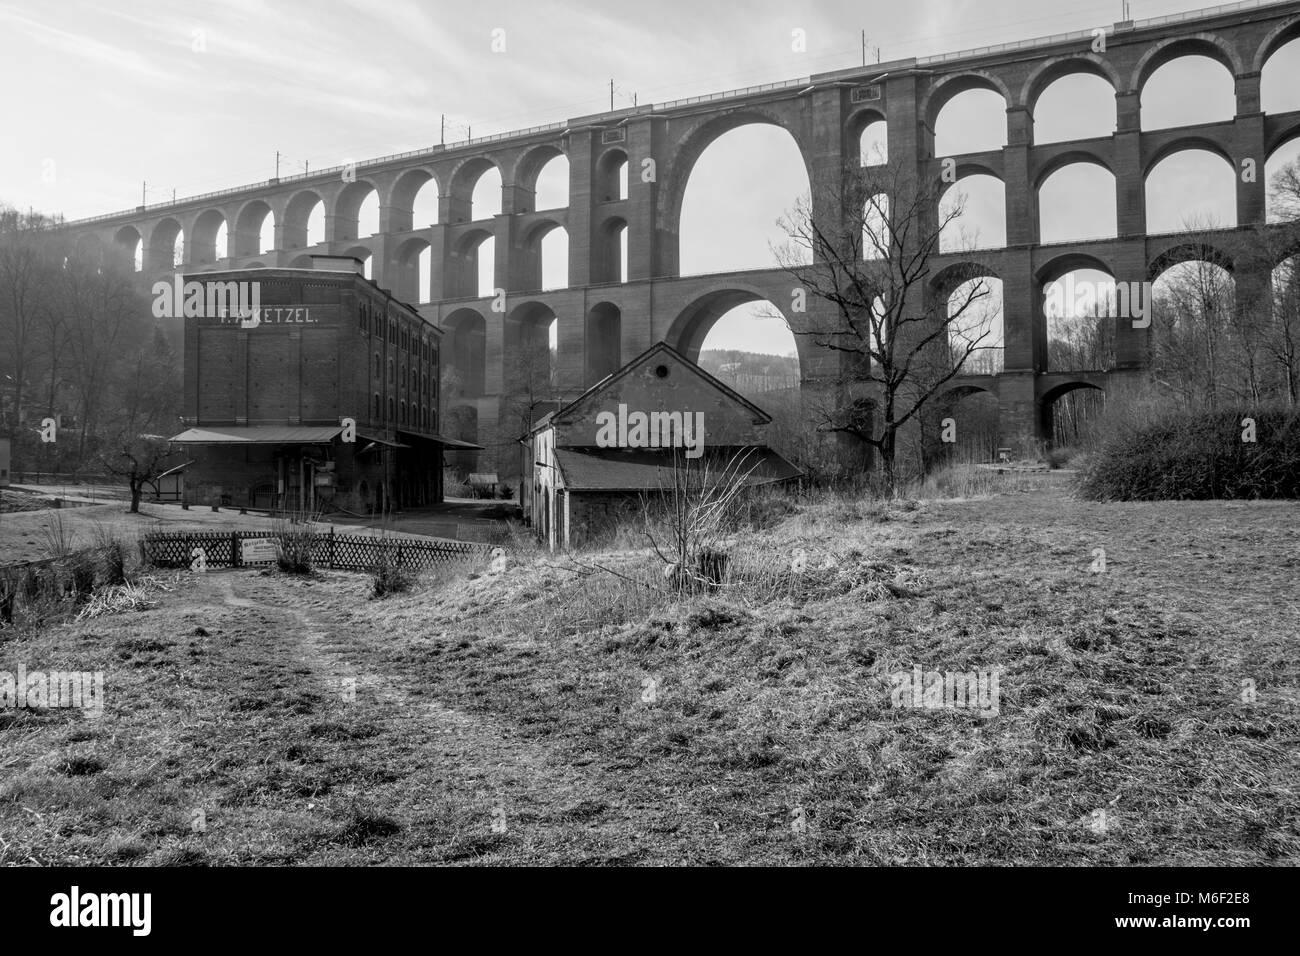 Blick auf Goeltzsch Viadukt Eisenbahnbrücke in Sachsen, Deutschland - Die weltweit größte backstein Stockbild